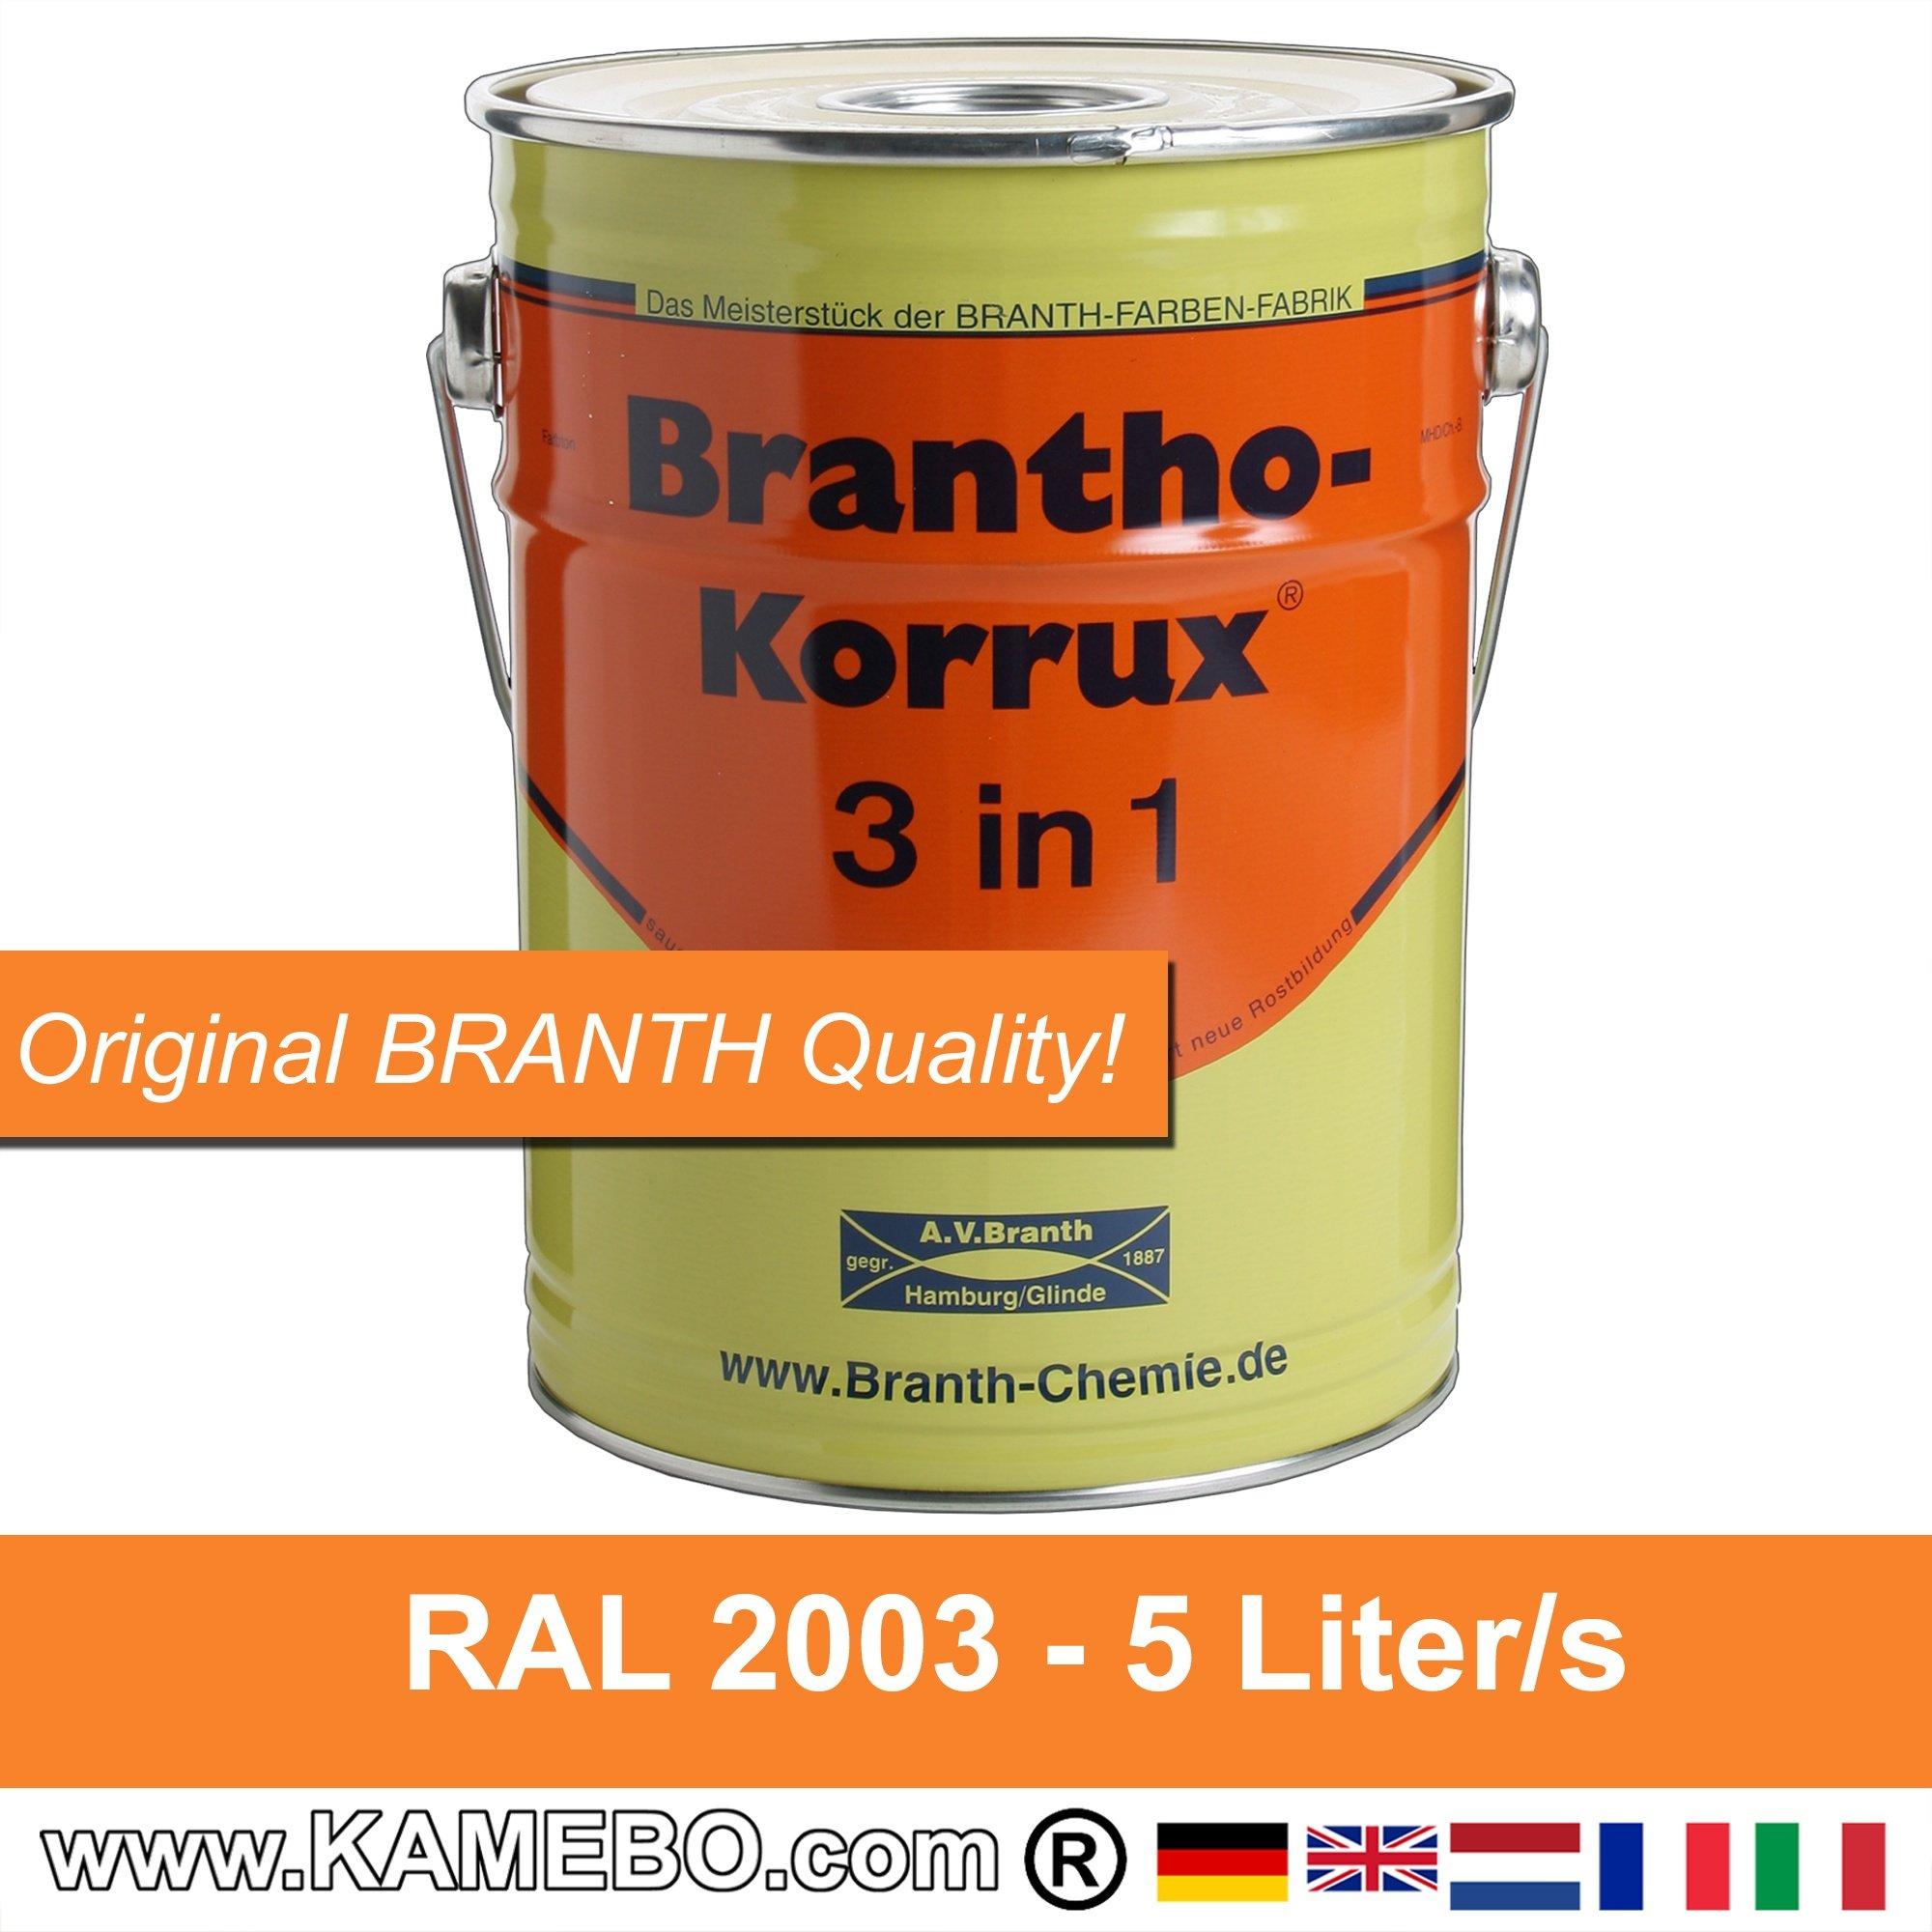 brantho korrux 3 in 1 peinture antirouille pour m tal ral 2003 orange pastel 5 litres kamebo. Black Bedroom Furniture Sets. Home Design Ideas